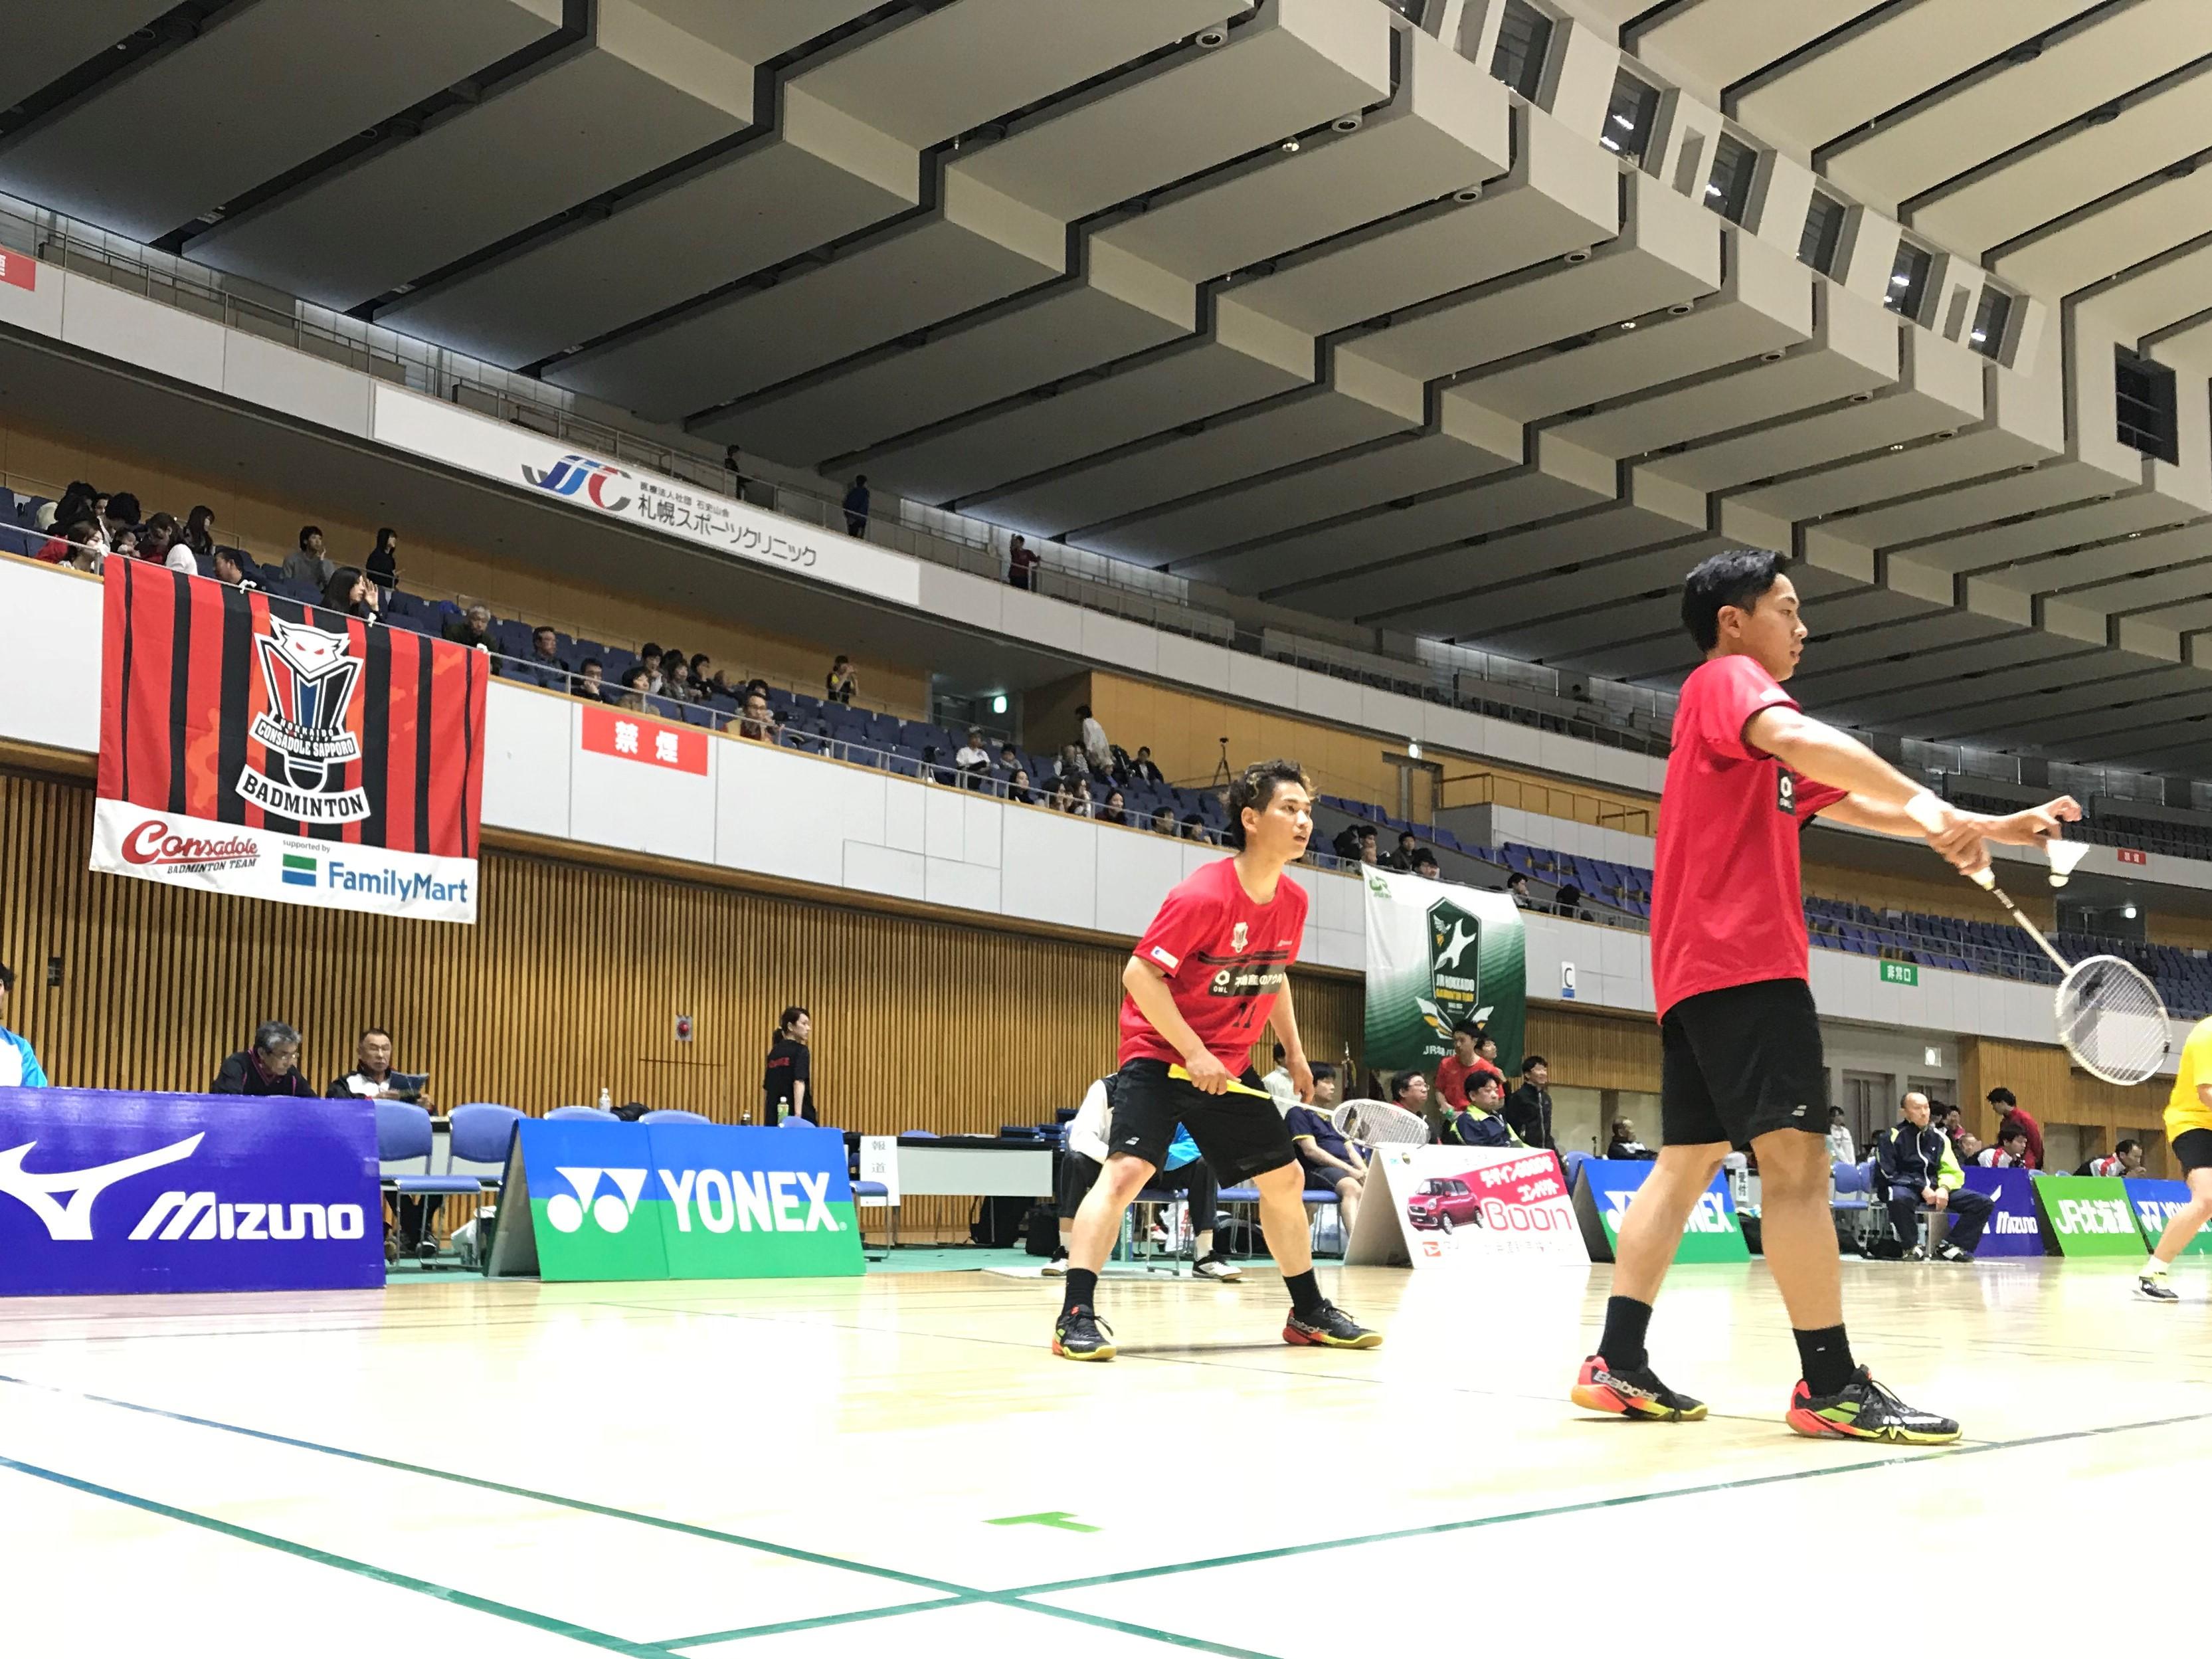 http://chsc.jp/news/up_images/IMG_6626.jpg